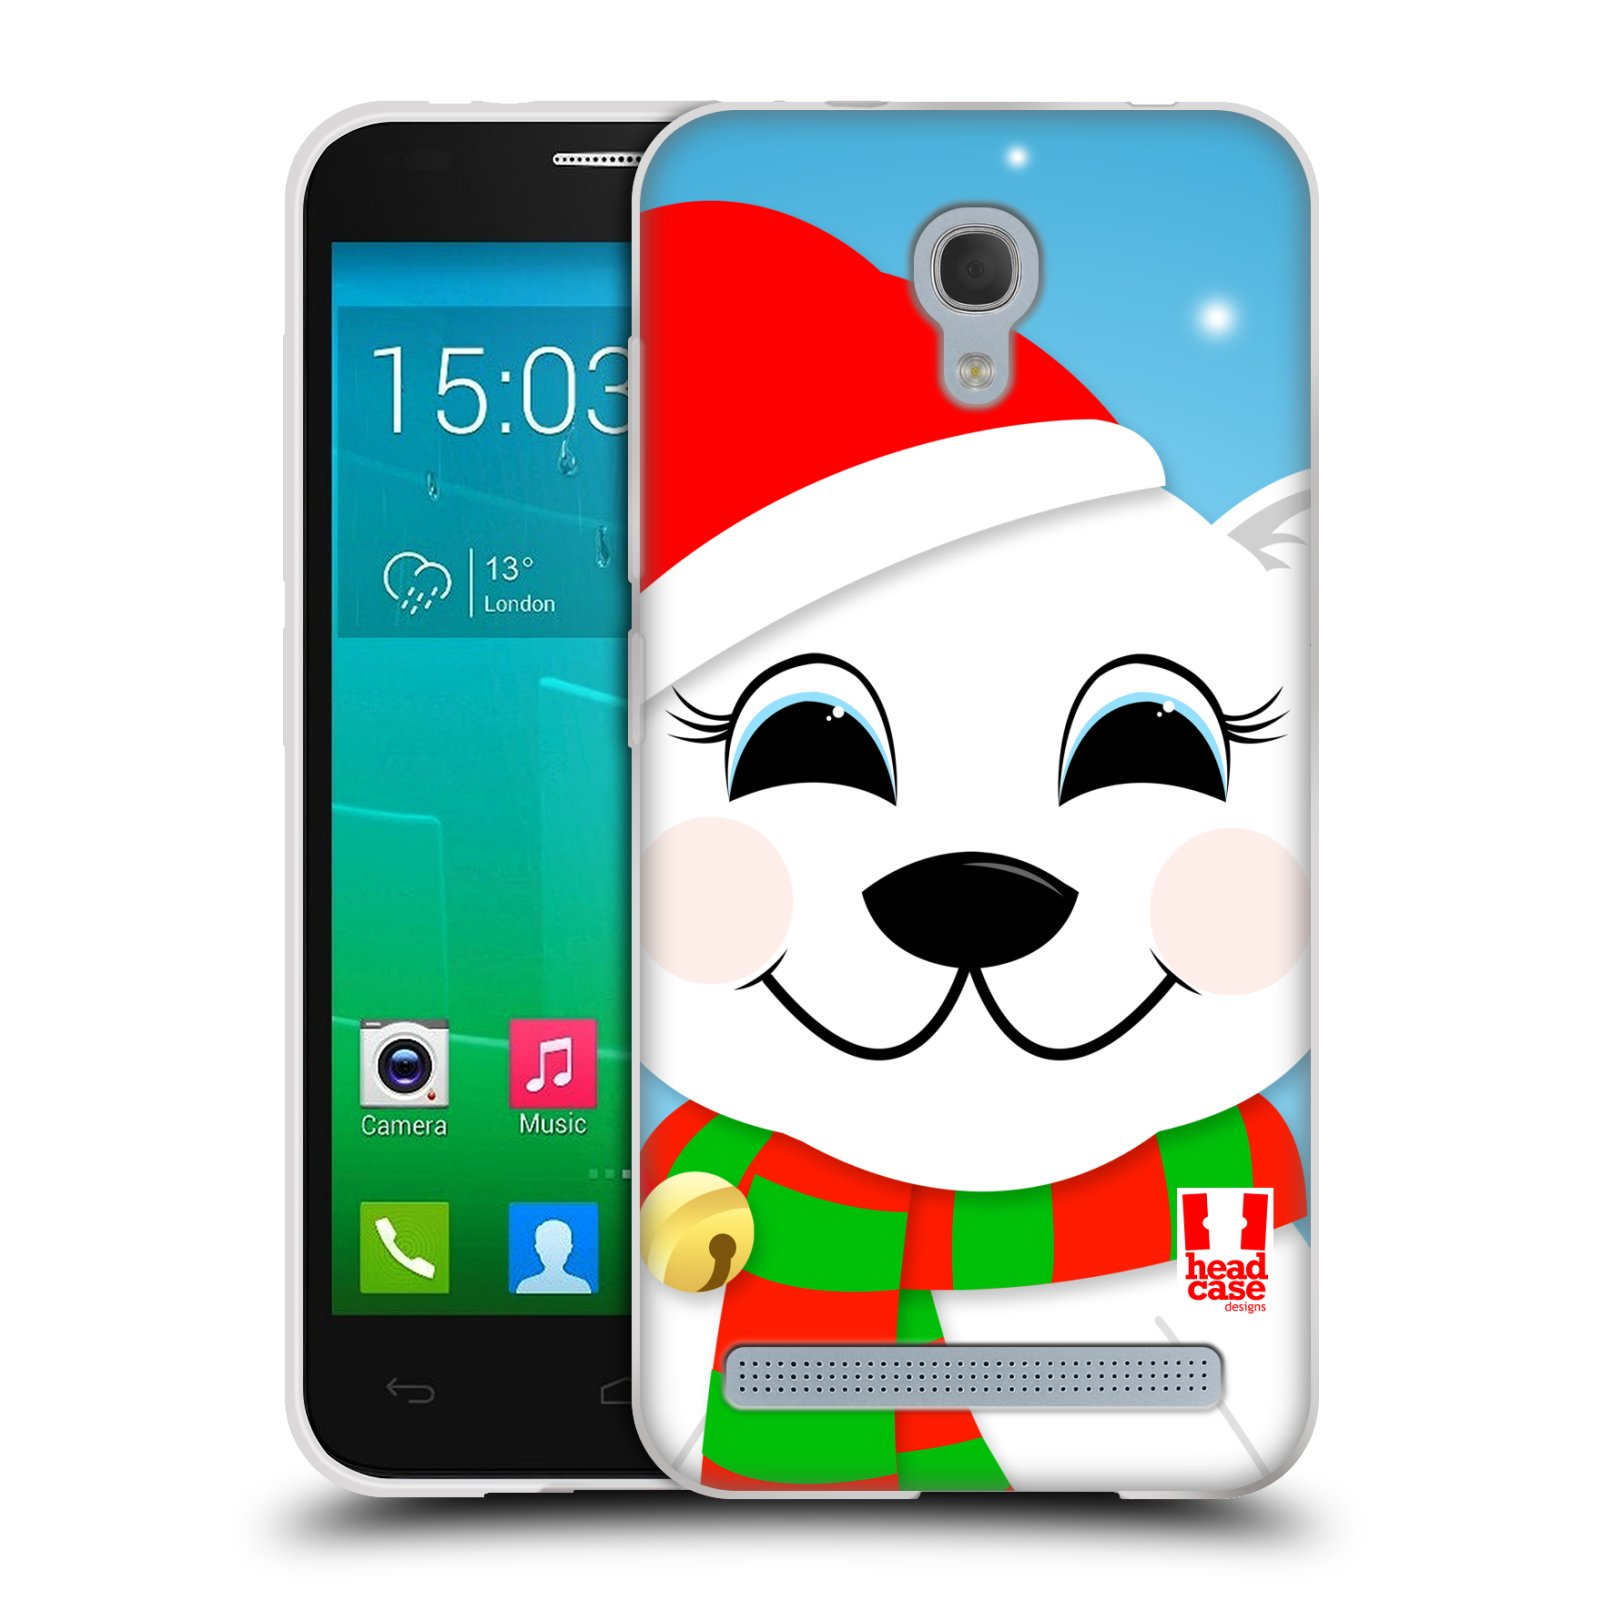 Silikonové pouzdro na mobil Alcatel One Touch Idol 2 Mini S 6036Y HEAD CASE VÁNOCE POLÁRNÍ MÉĎA (Silikonový kryt či obal na mobilní telefon Alcatel Idol 2 Mini S OT-6036Y)